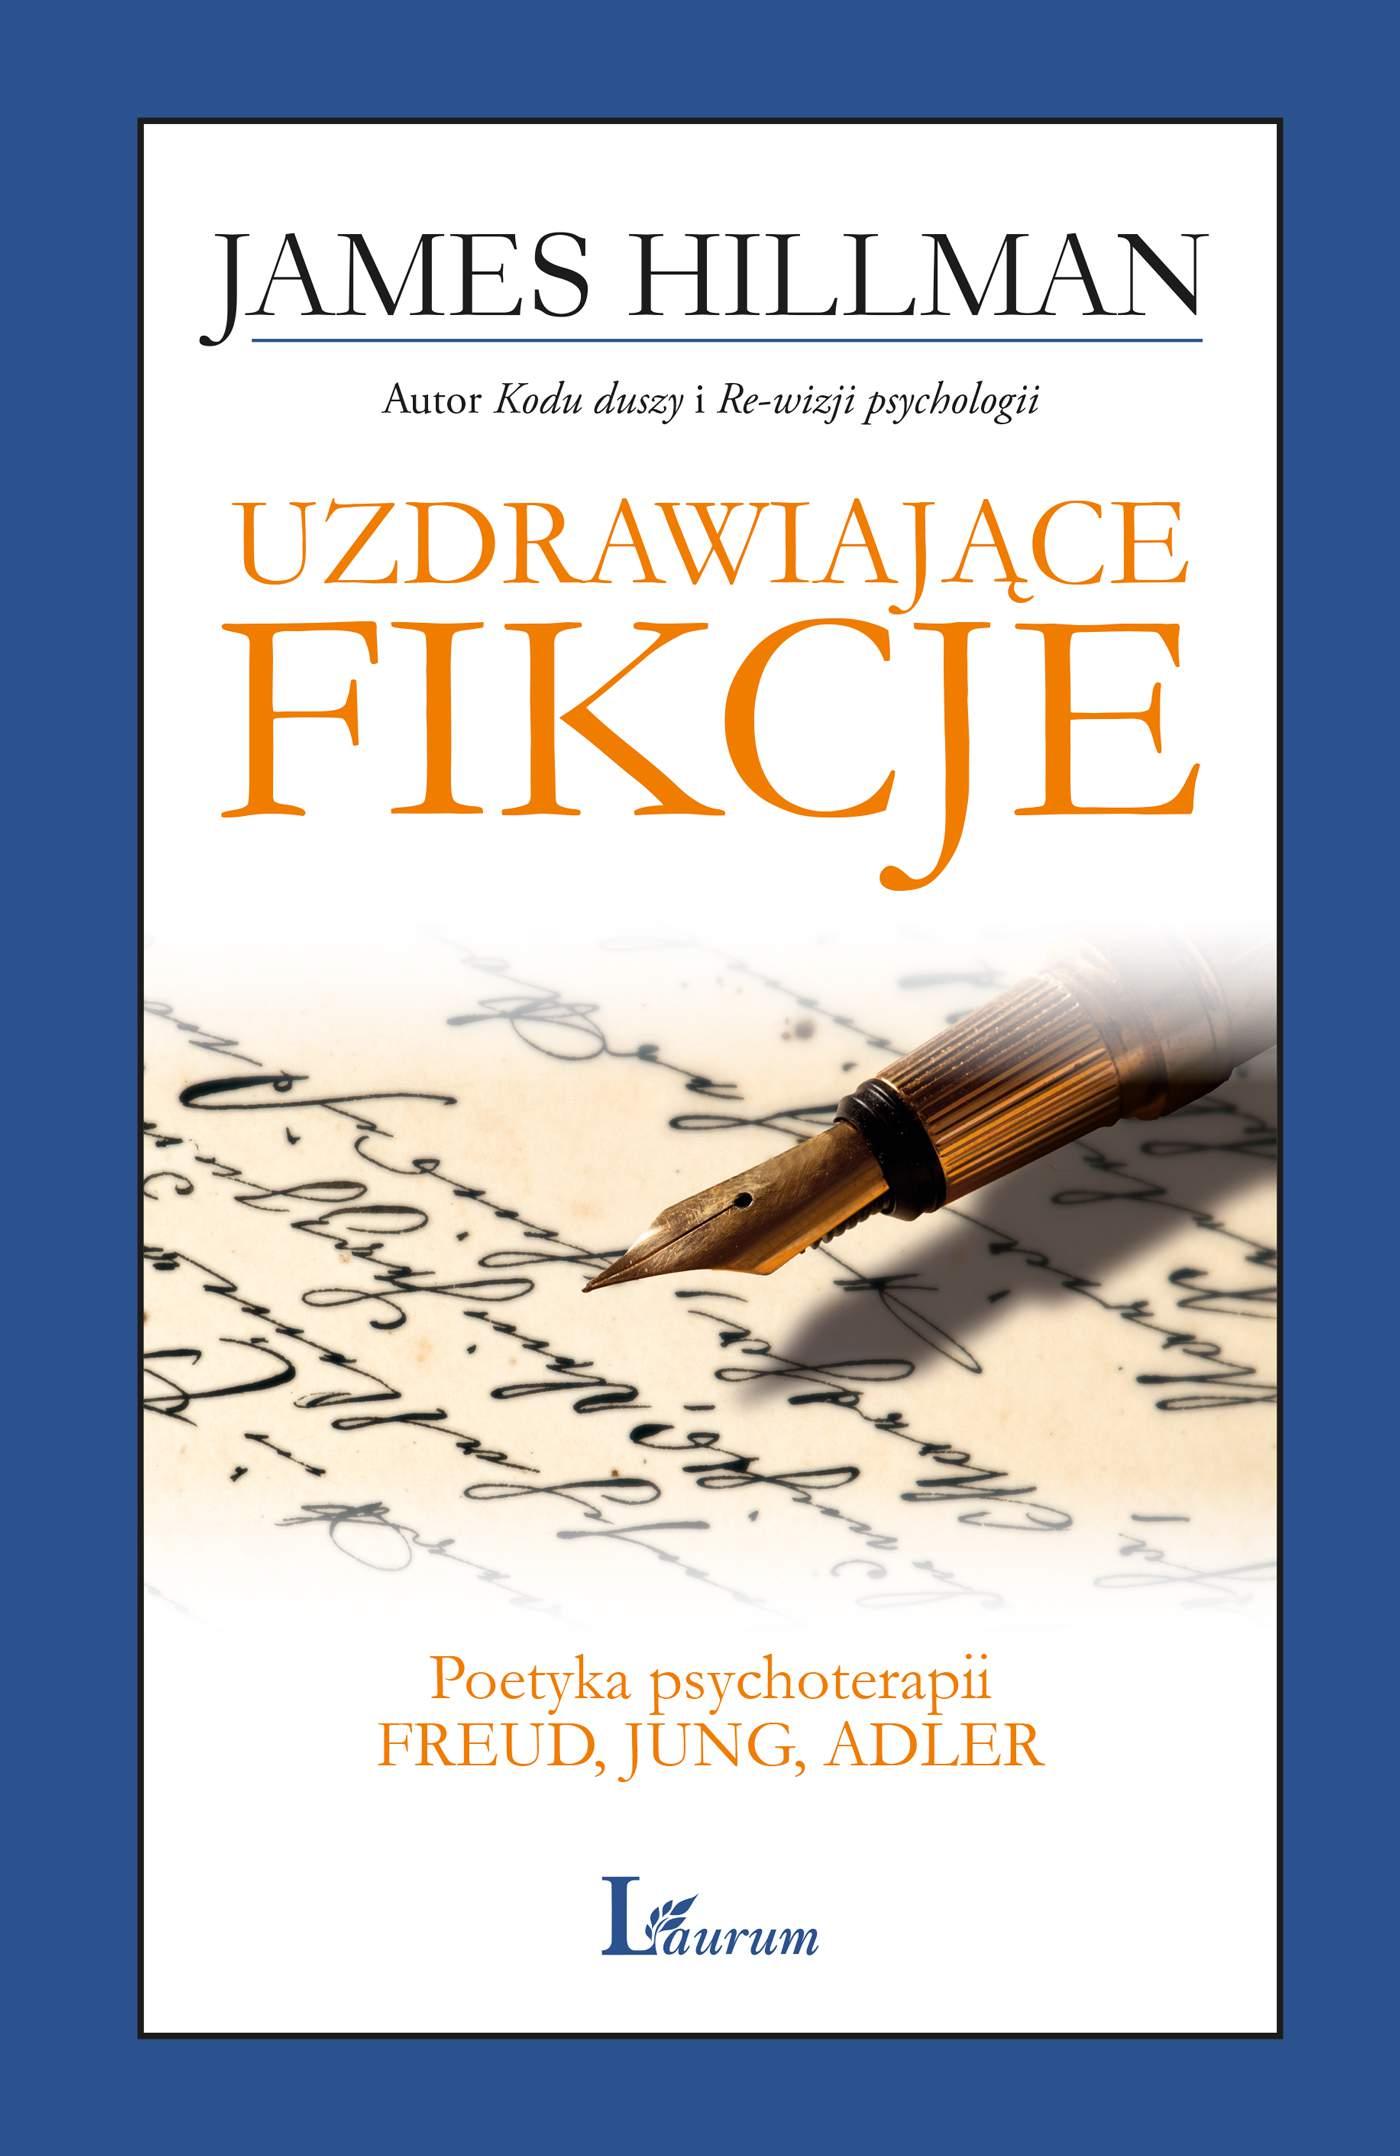 Uzdrawiające fikcje. Poetyka psychoterapii - Freud, Jung, Adler - Ebook (Książka EPUB) do pobrania w formacie EPUB